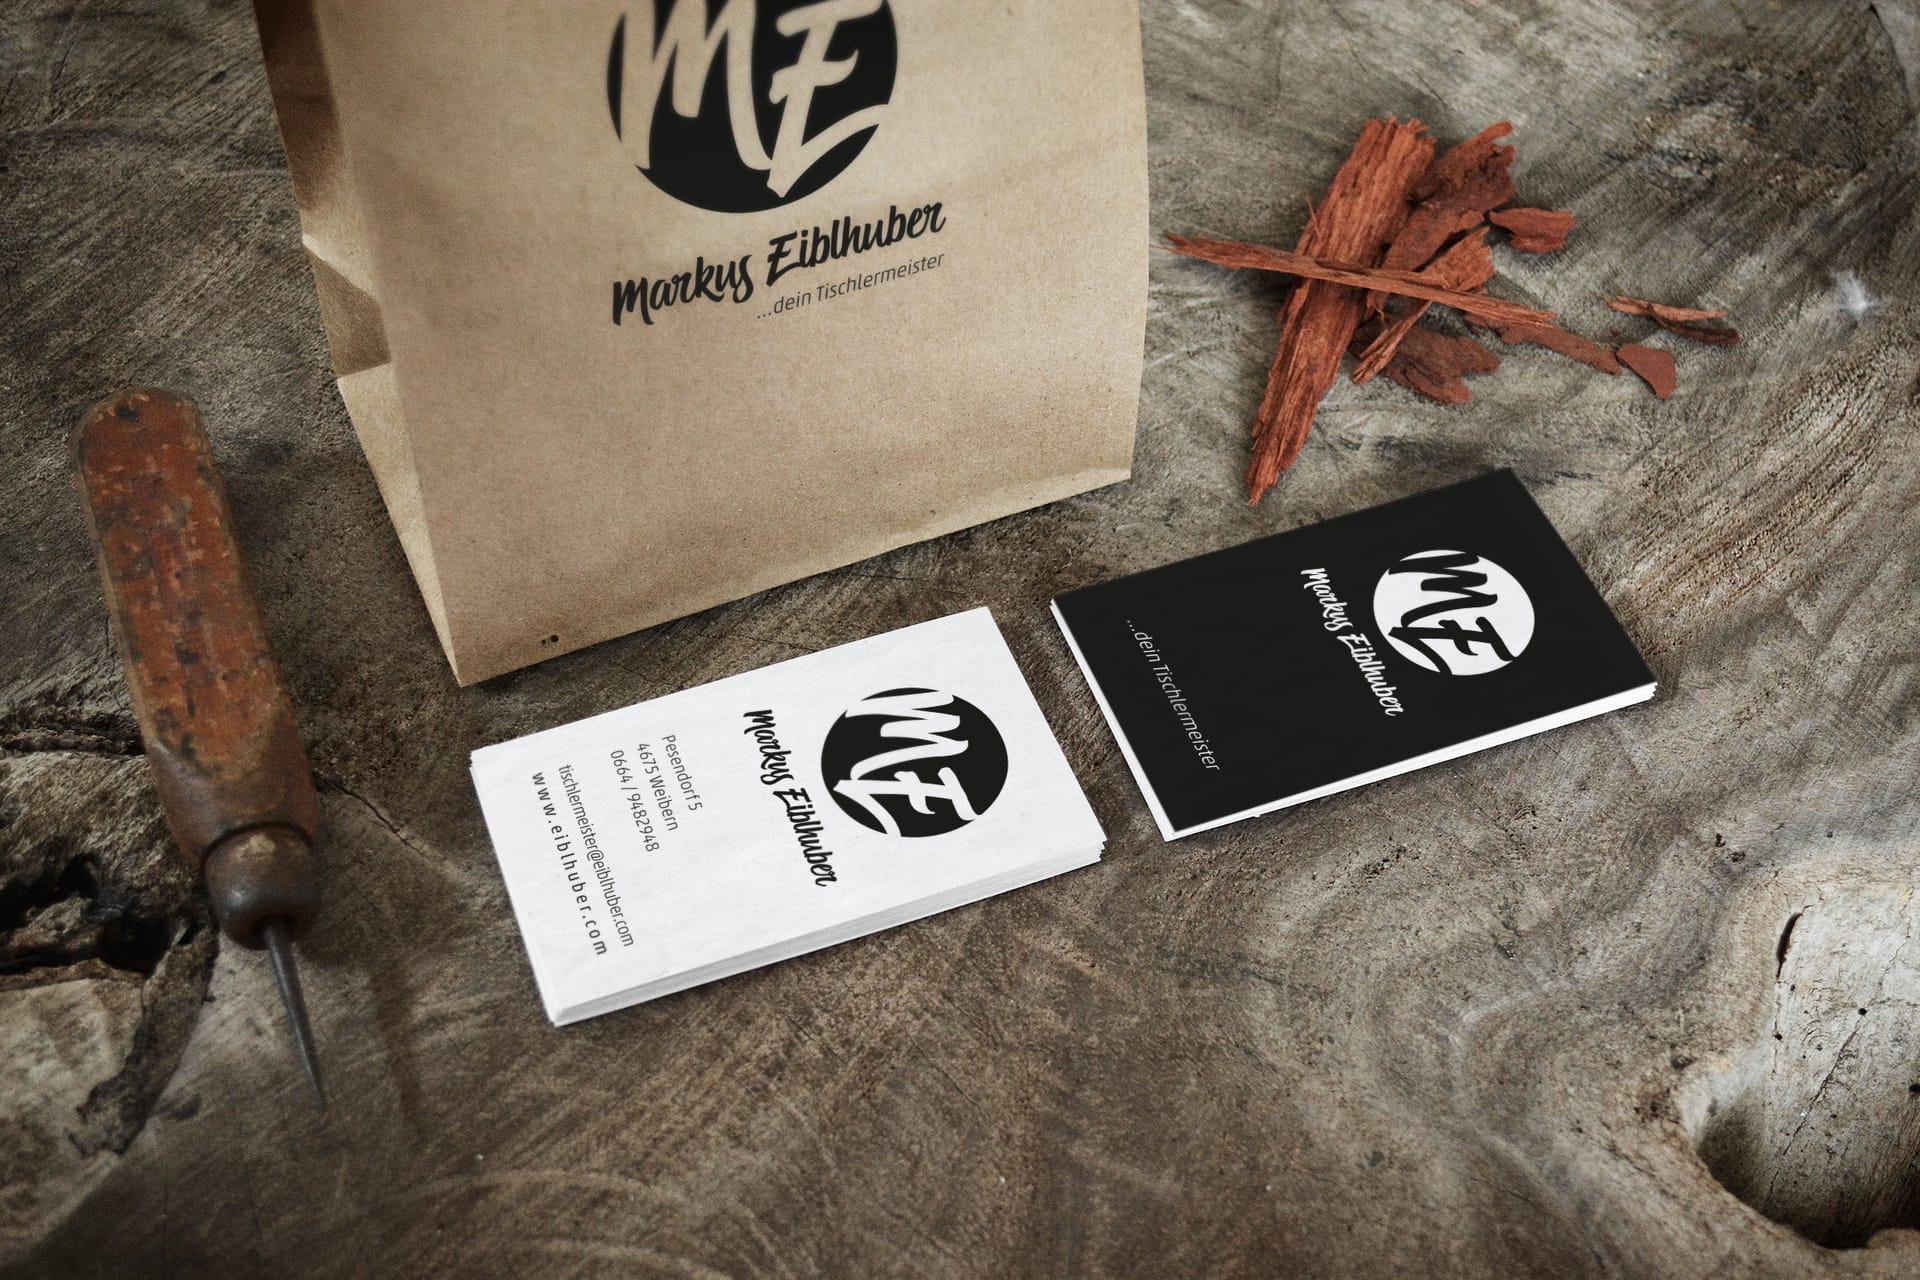 Corporate Design Markus Eiblhuber - dein Tischlermeister